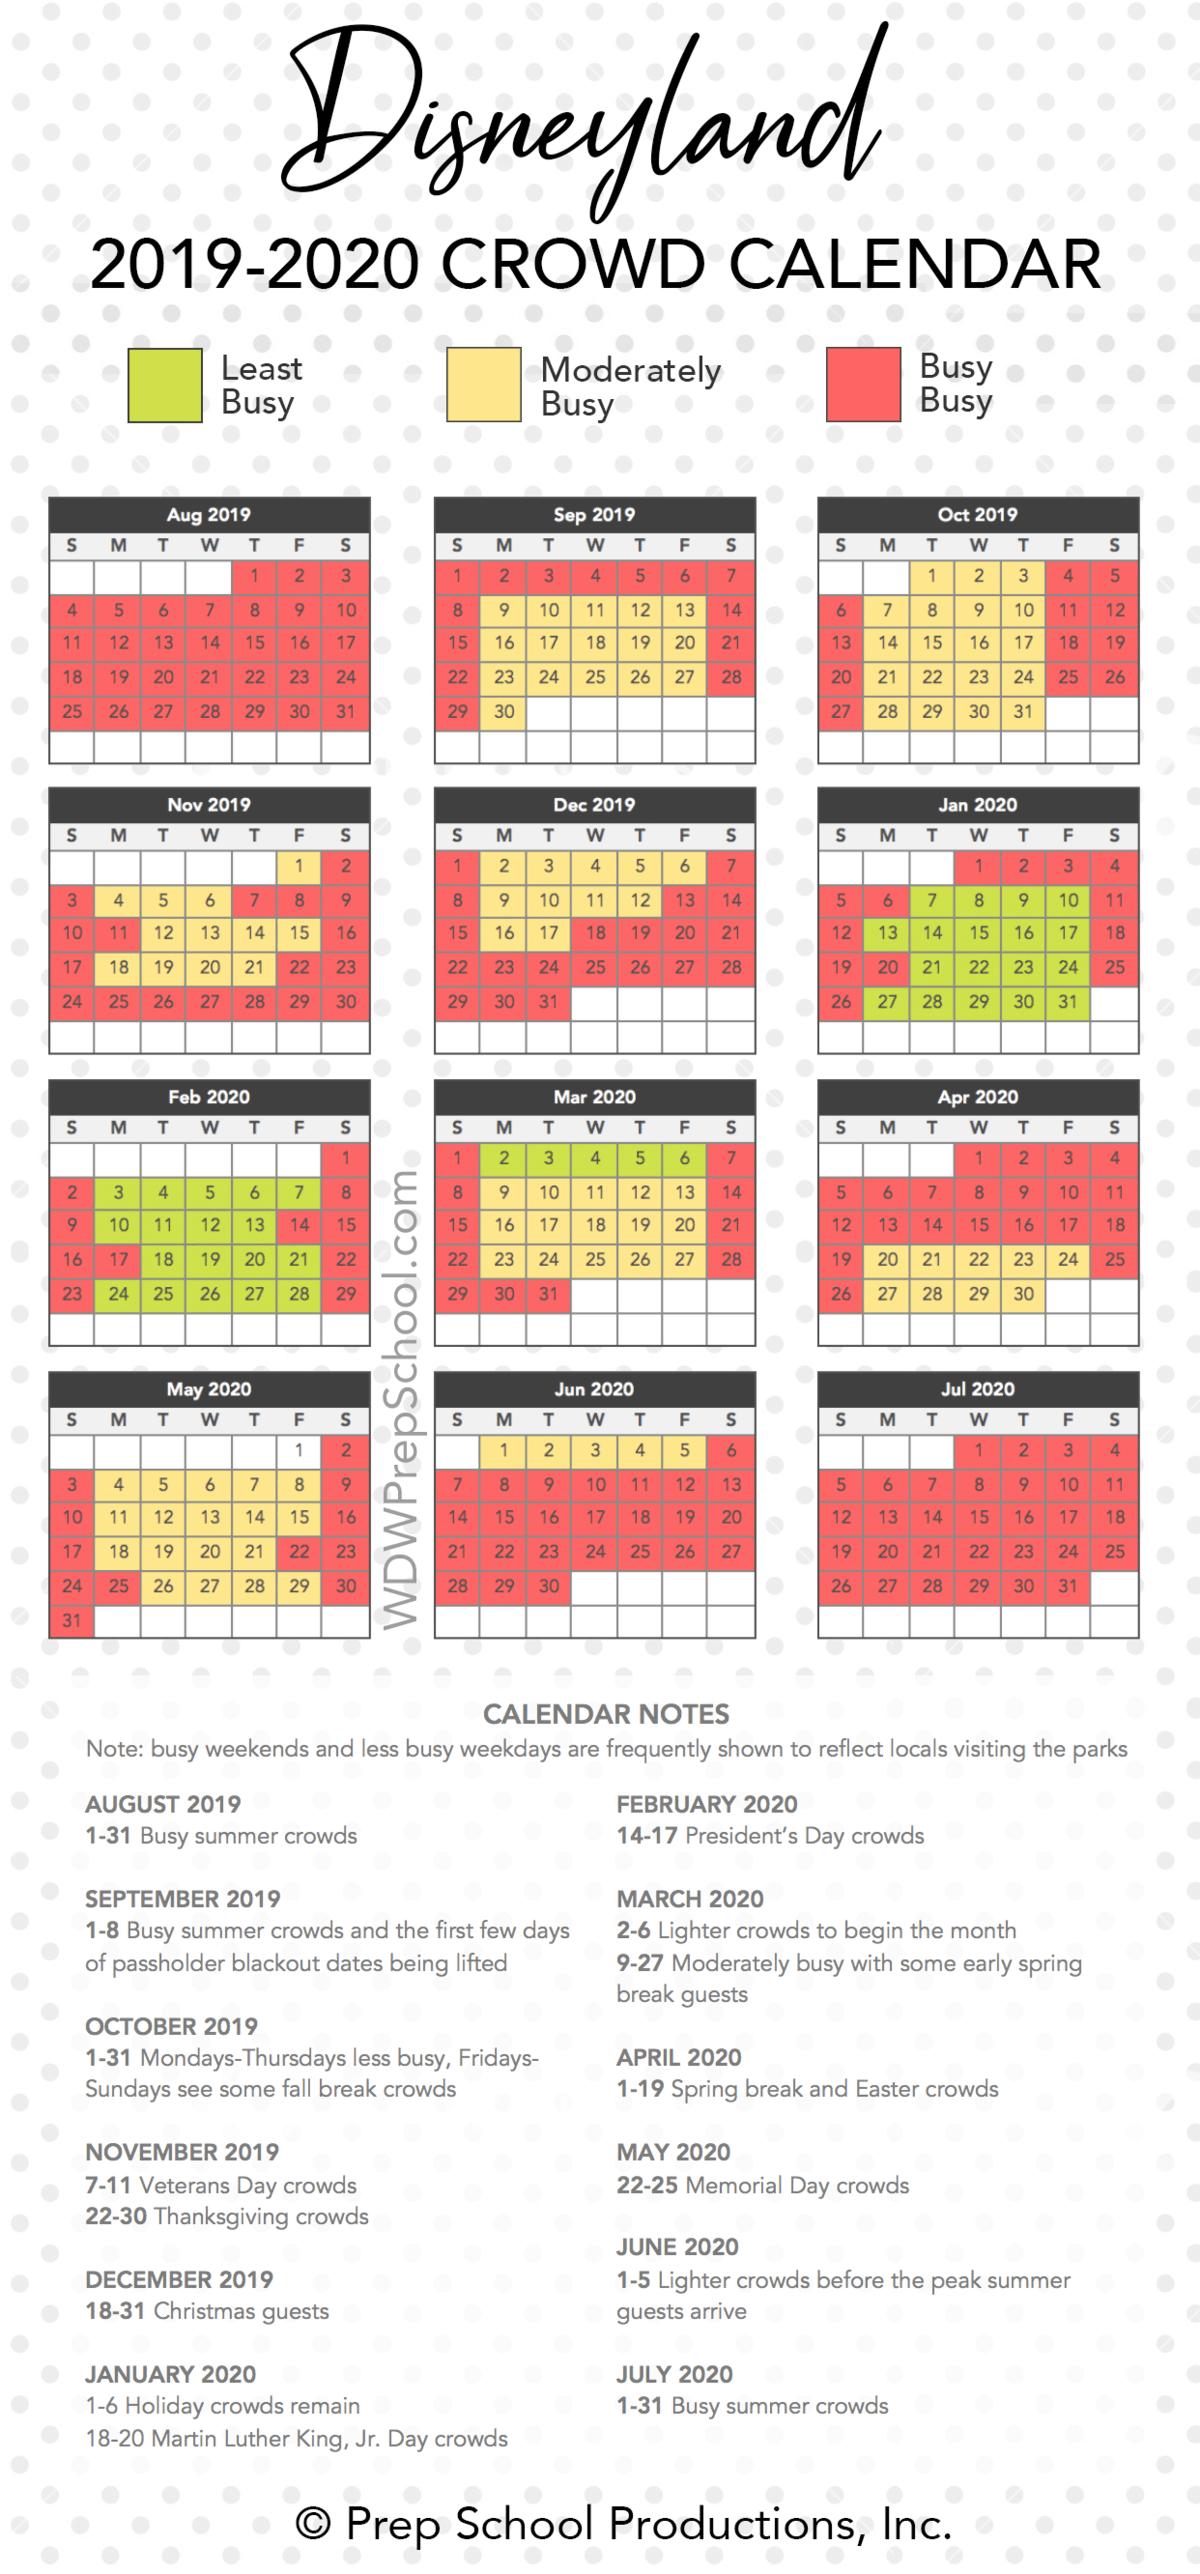 2021 Disneyland Crowd Calendar Background